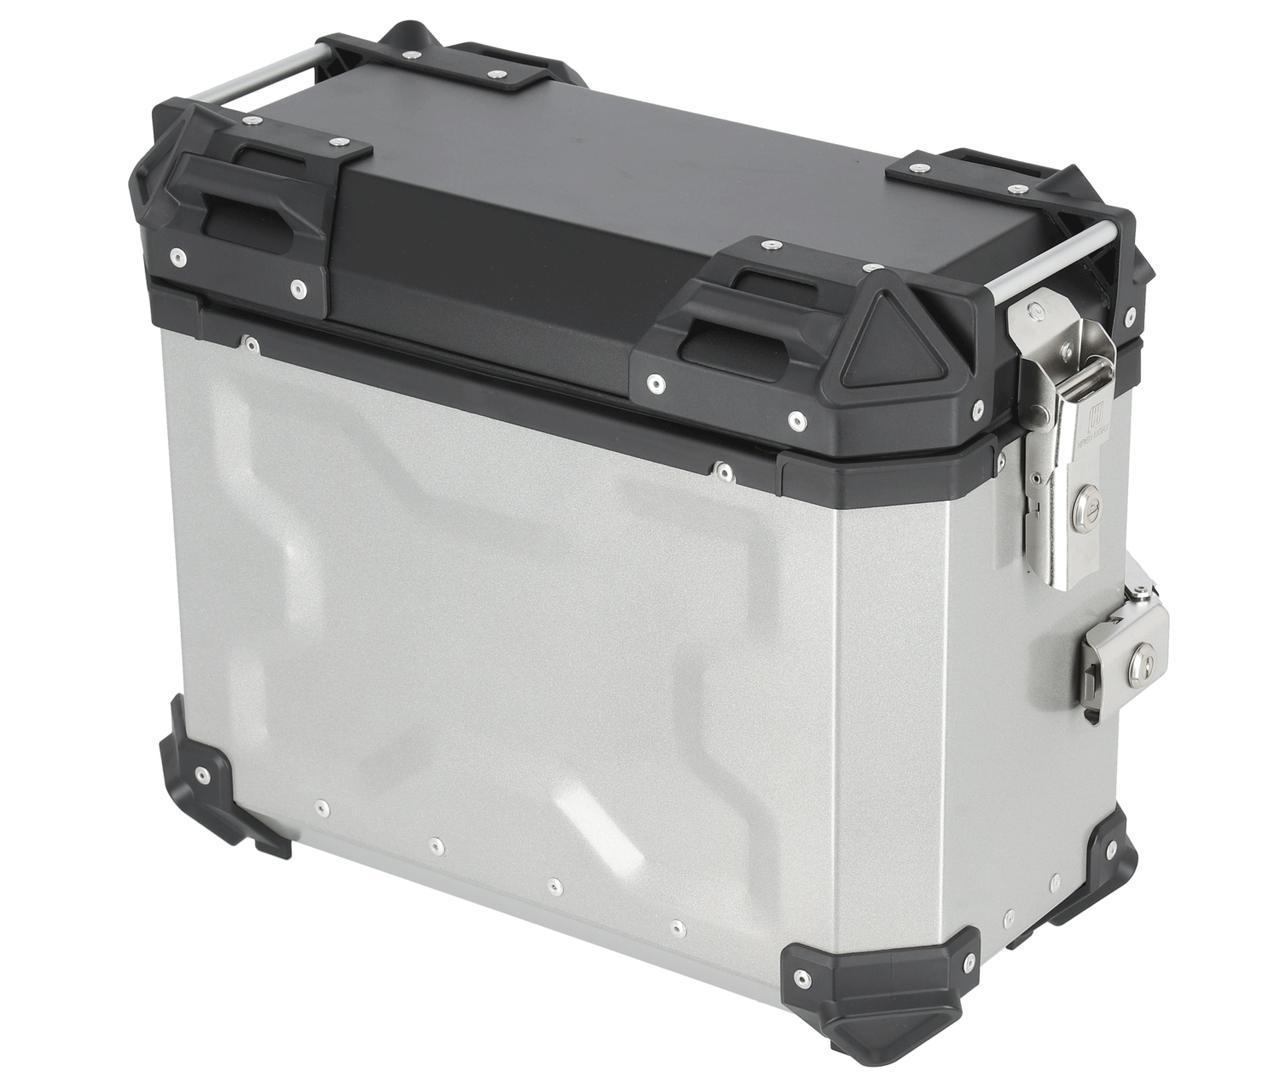 画像: HARD WORX パニアケース HXS38 38L 税込価格:3万4650円 カラー:シルバー、ブラック 容量:38L 外寸:460×230×380mm 重量:5.75kg 付属品:鍵×2本、リフレクター×2枚 ※ベースプレートは車両車種専用のベースプレートを使って取り付けます。 ※ハードワークスパニアケース用ベースプレートは現在、スズキ Vストローム250用がラインナップされています。